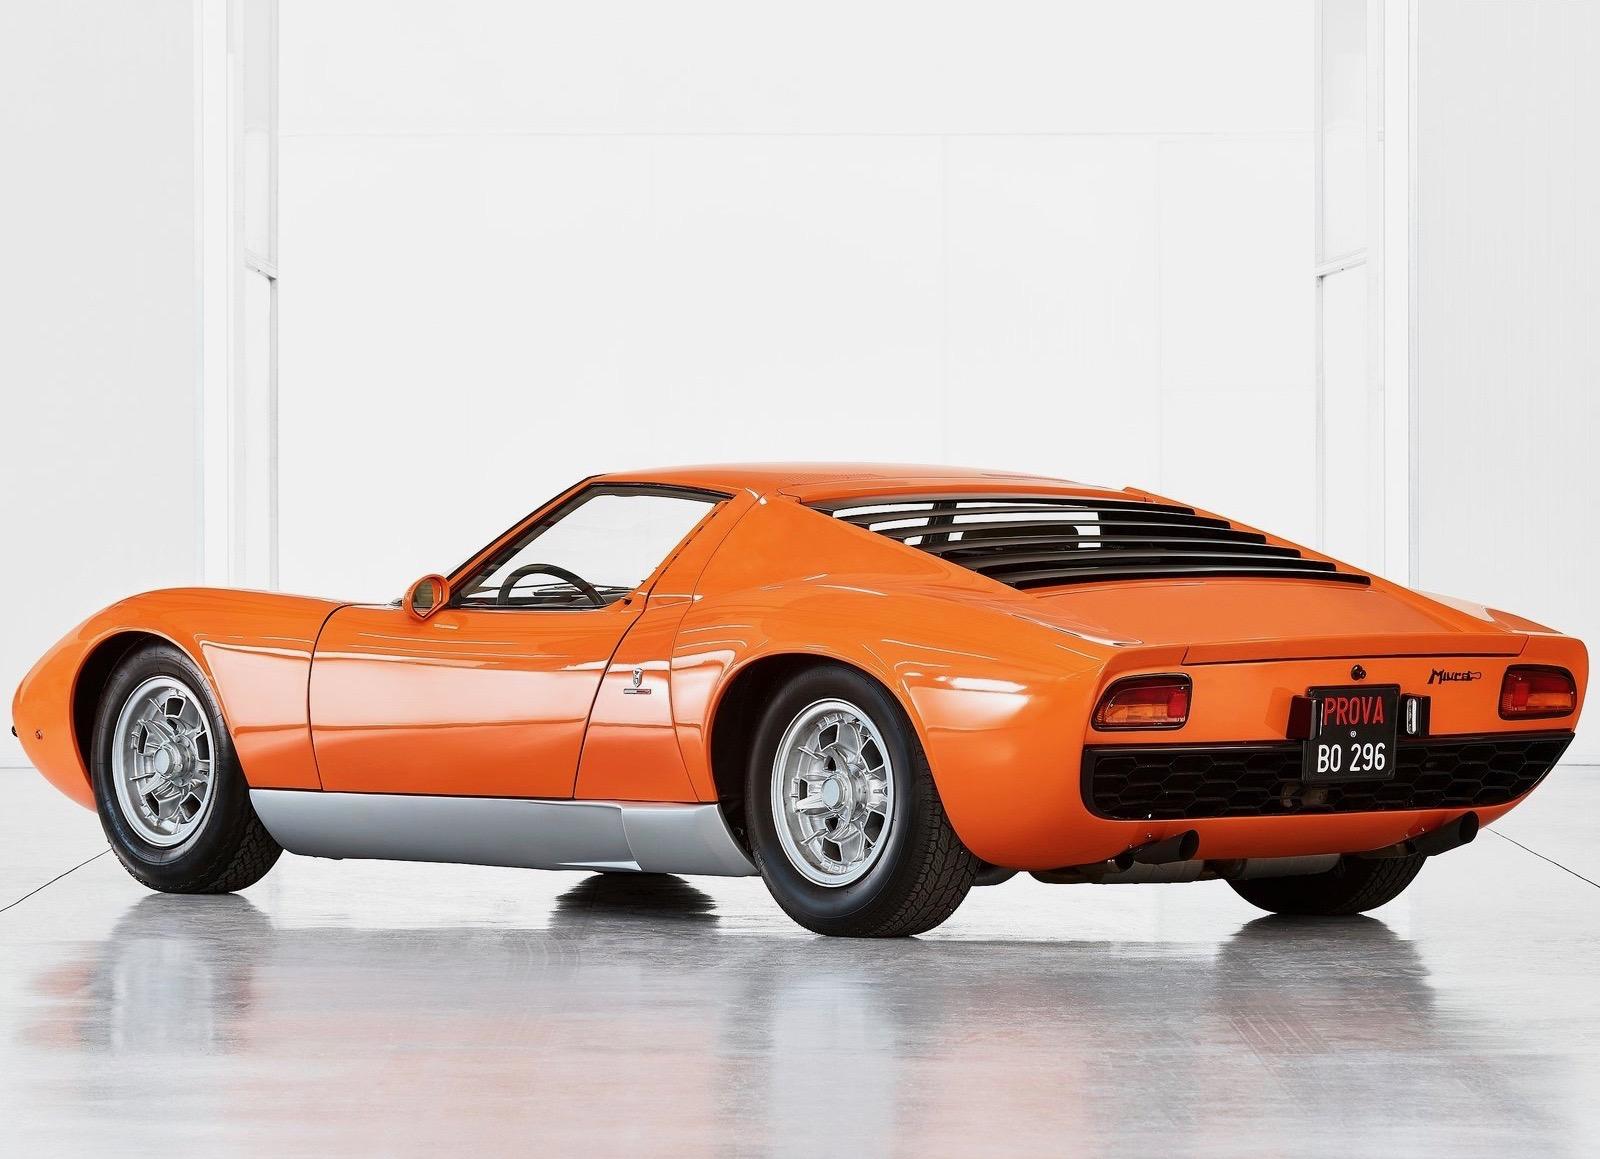 Lamborghini_Miura_P400_Italian_Job_0003